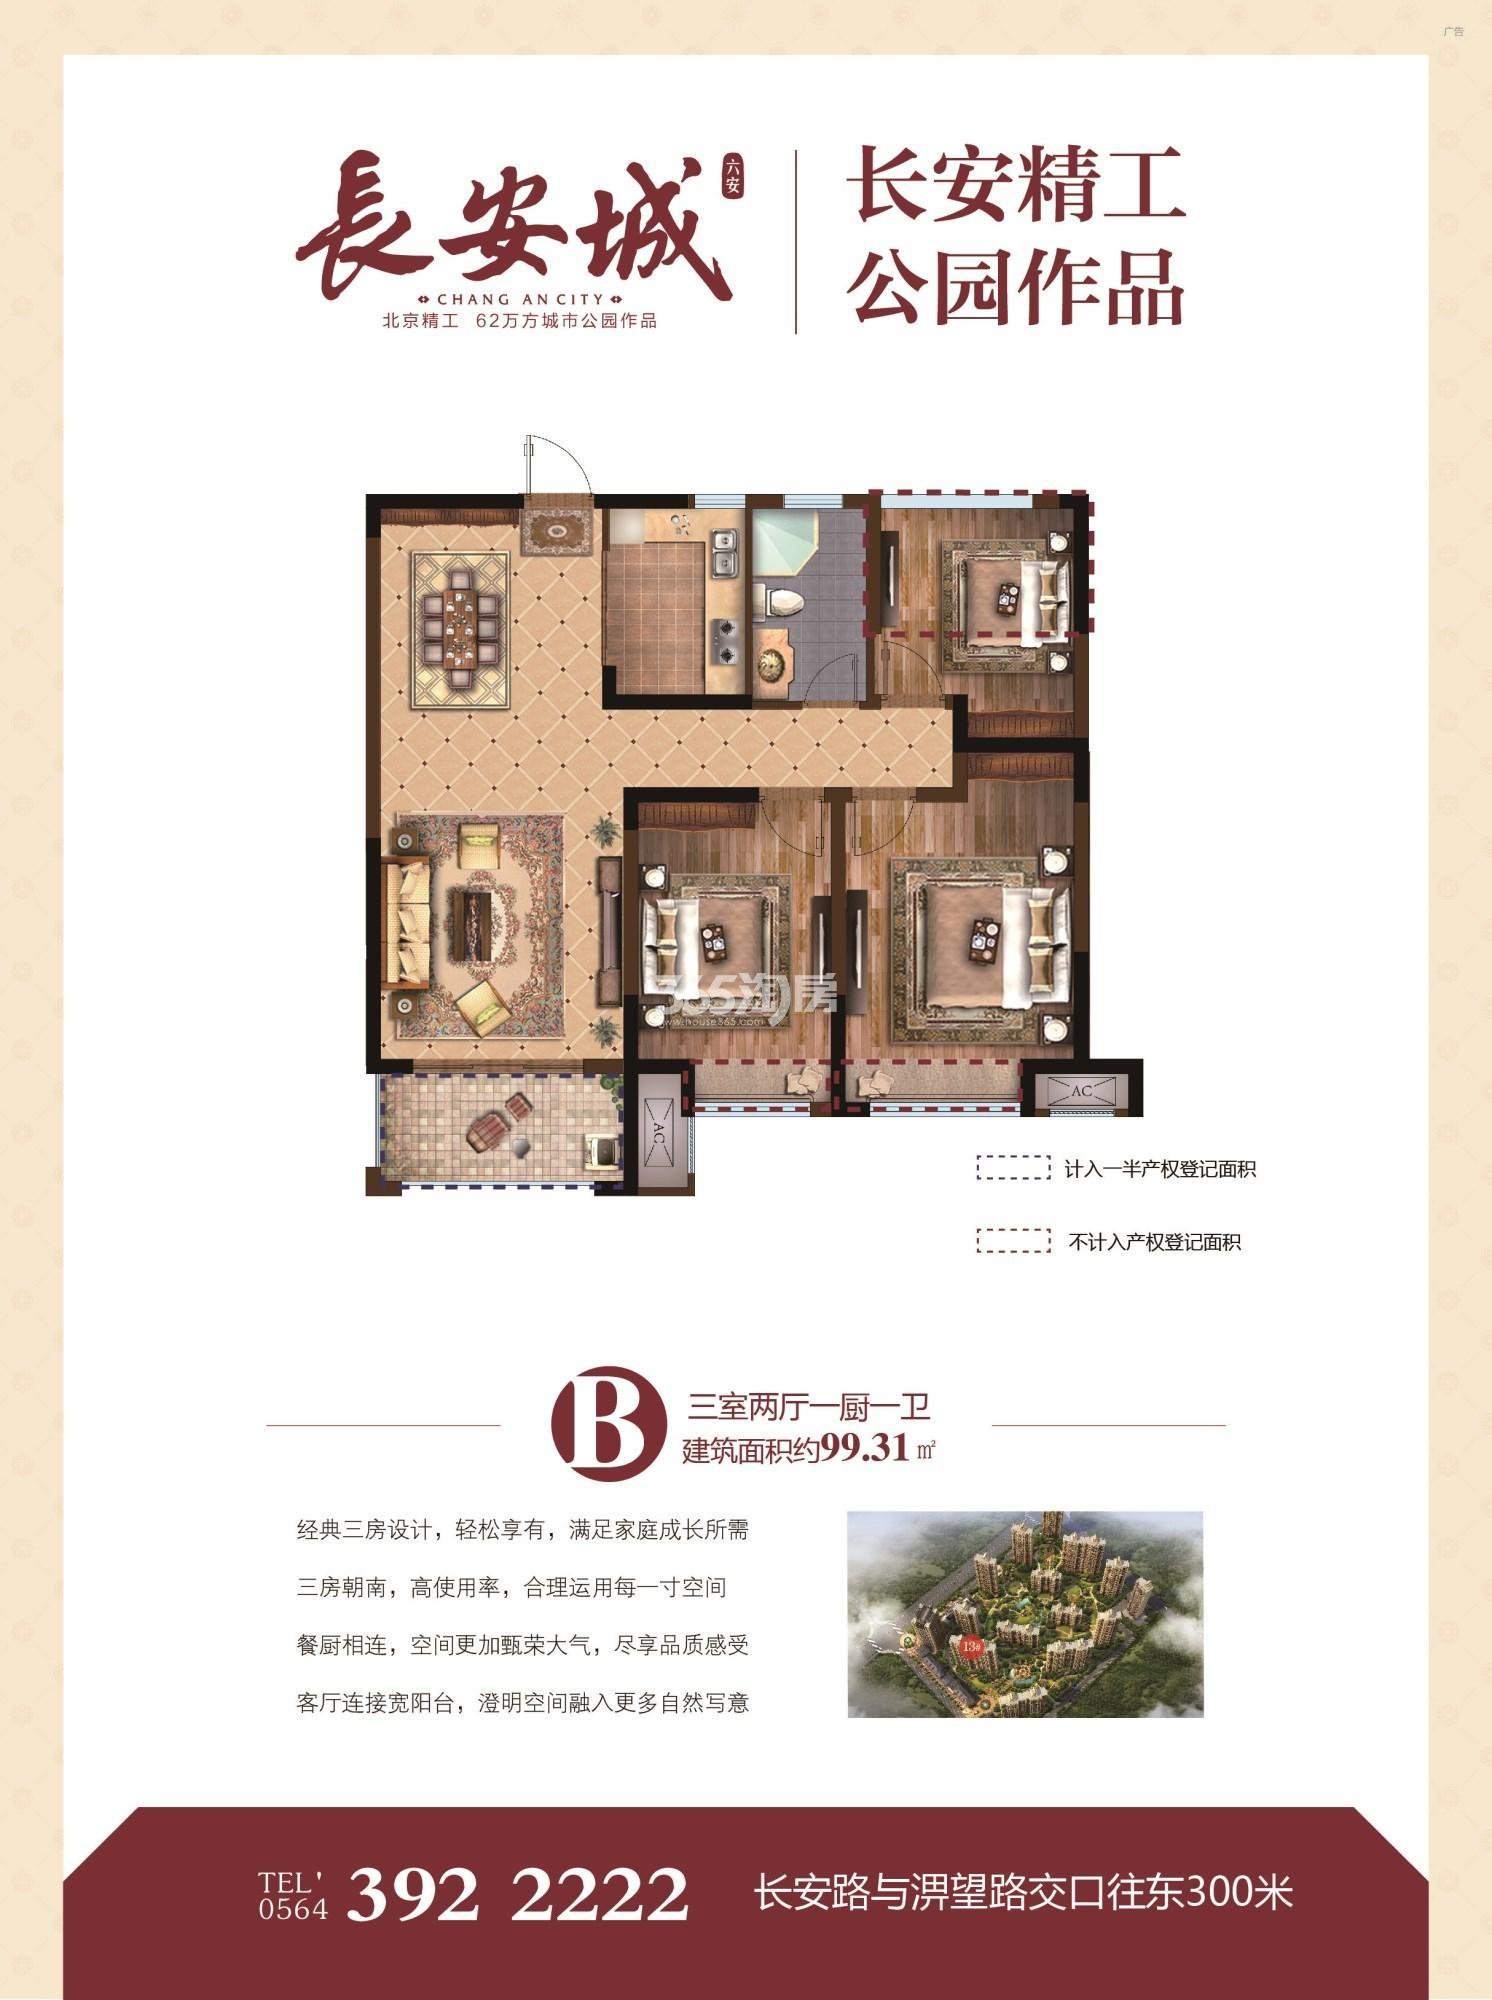 长安城项目B户型99.31平米户型图